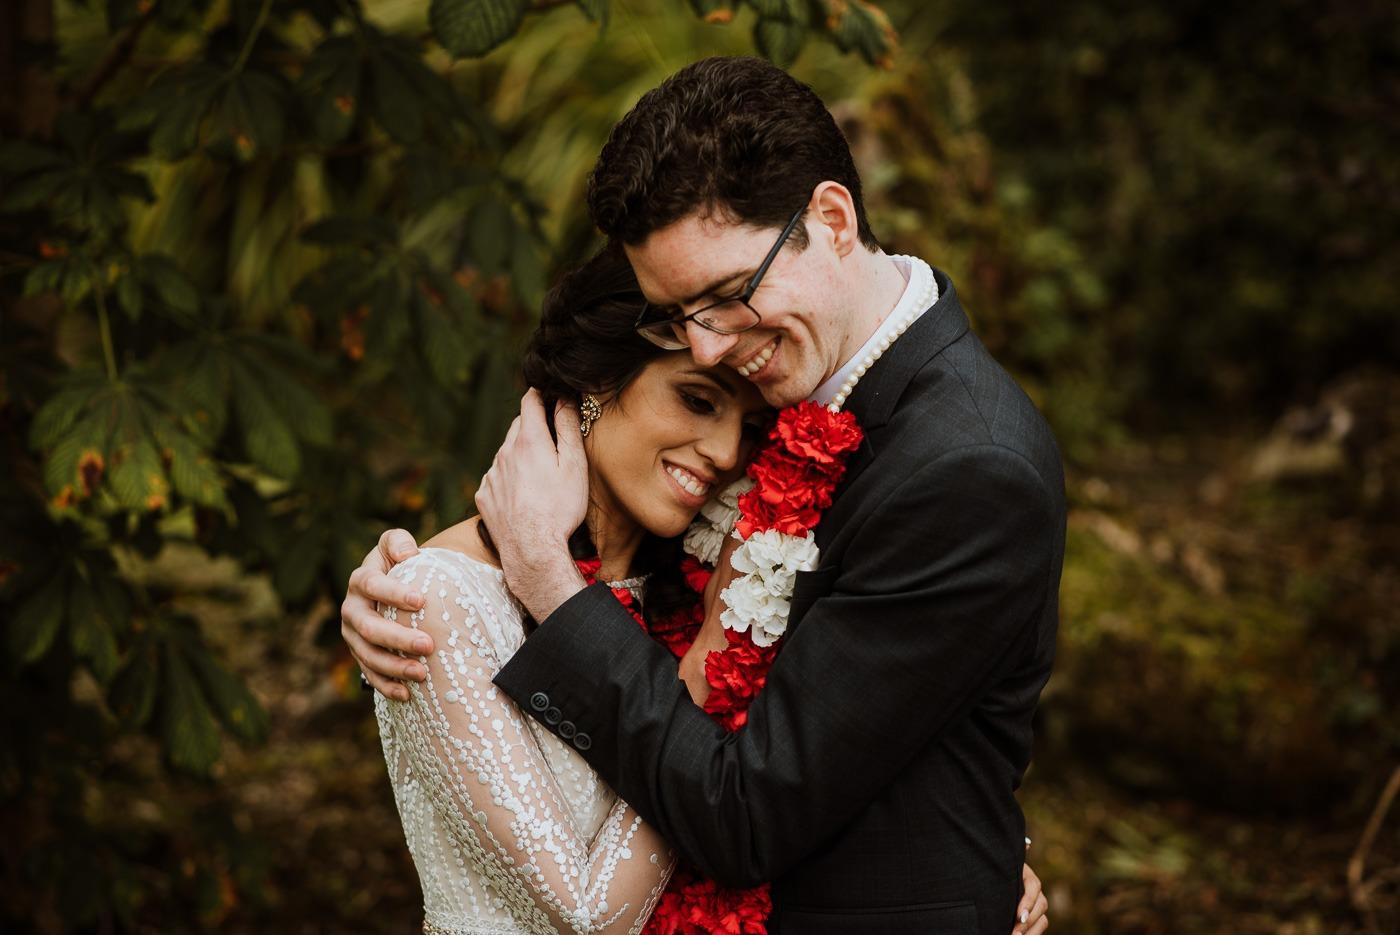 Sneak Peek of Rekha & Ronan's Wedding at Markree Castle